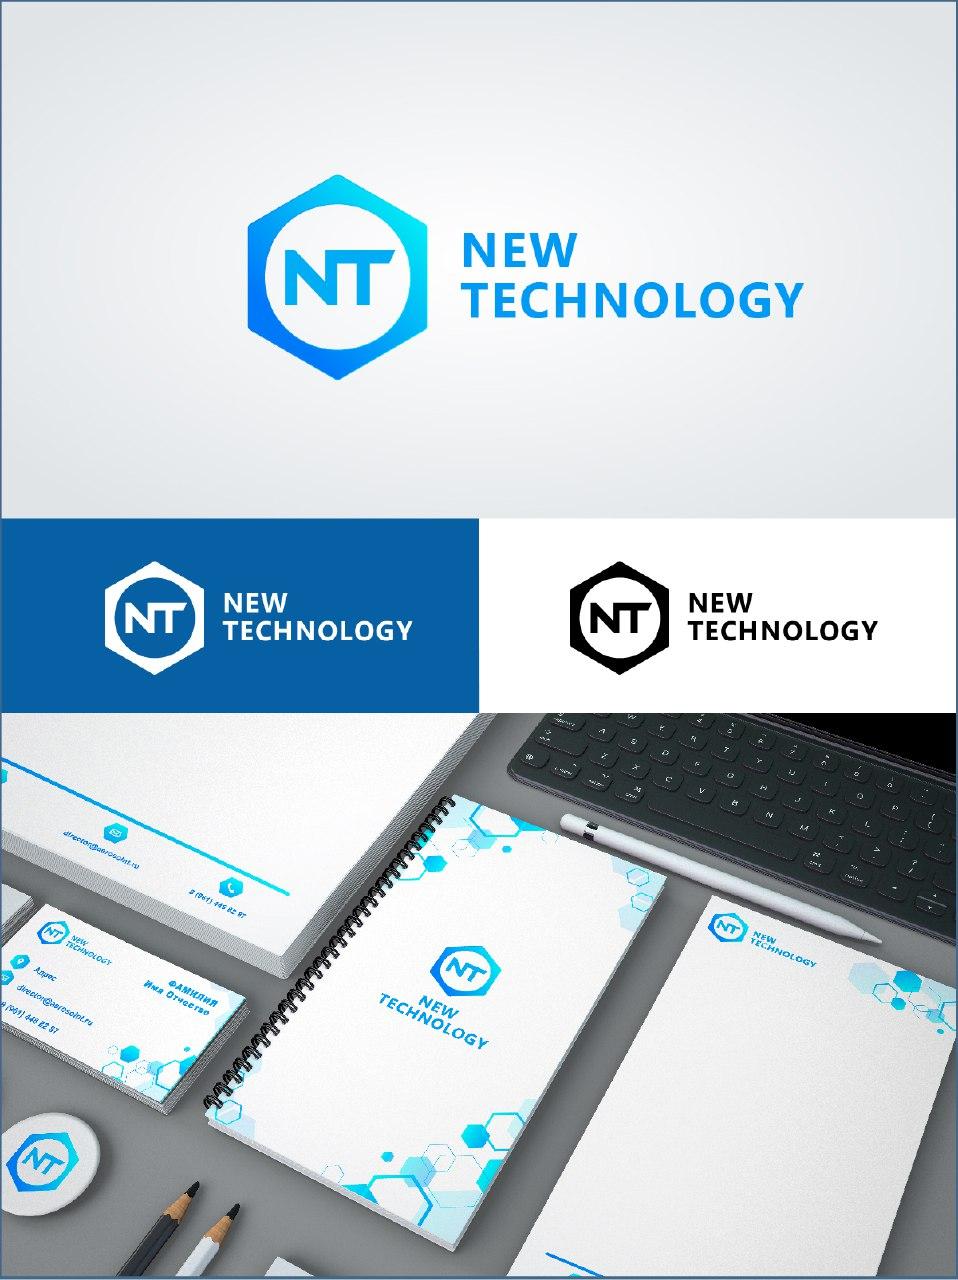 Разработка логотипа и фирменного стиля фото f_7265e86fe119caa1.jpg